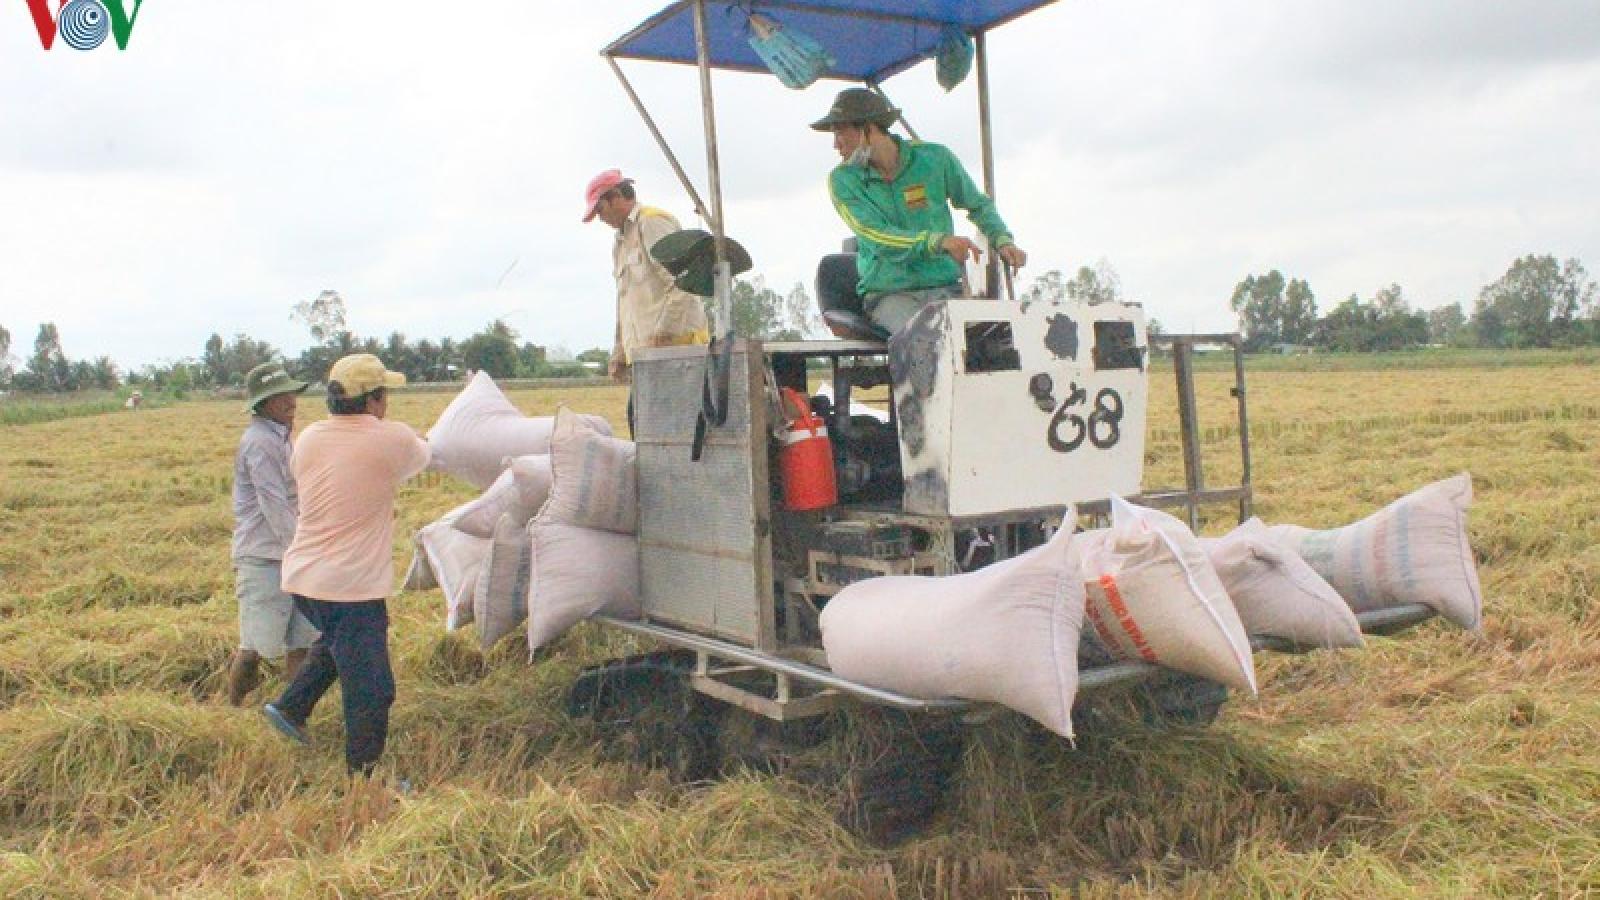 Doanh nghiệp than phiền vì không xuất khẩu được gạo